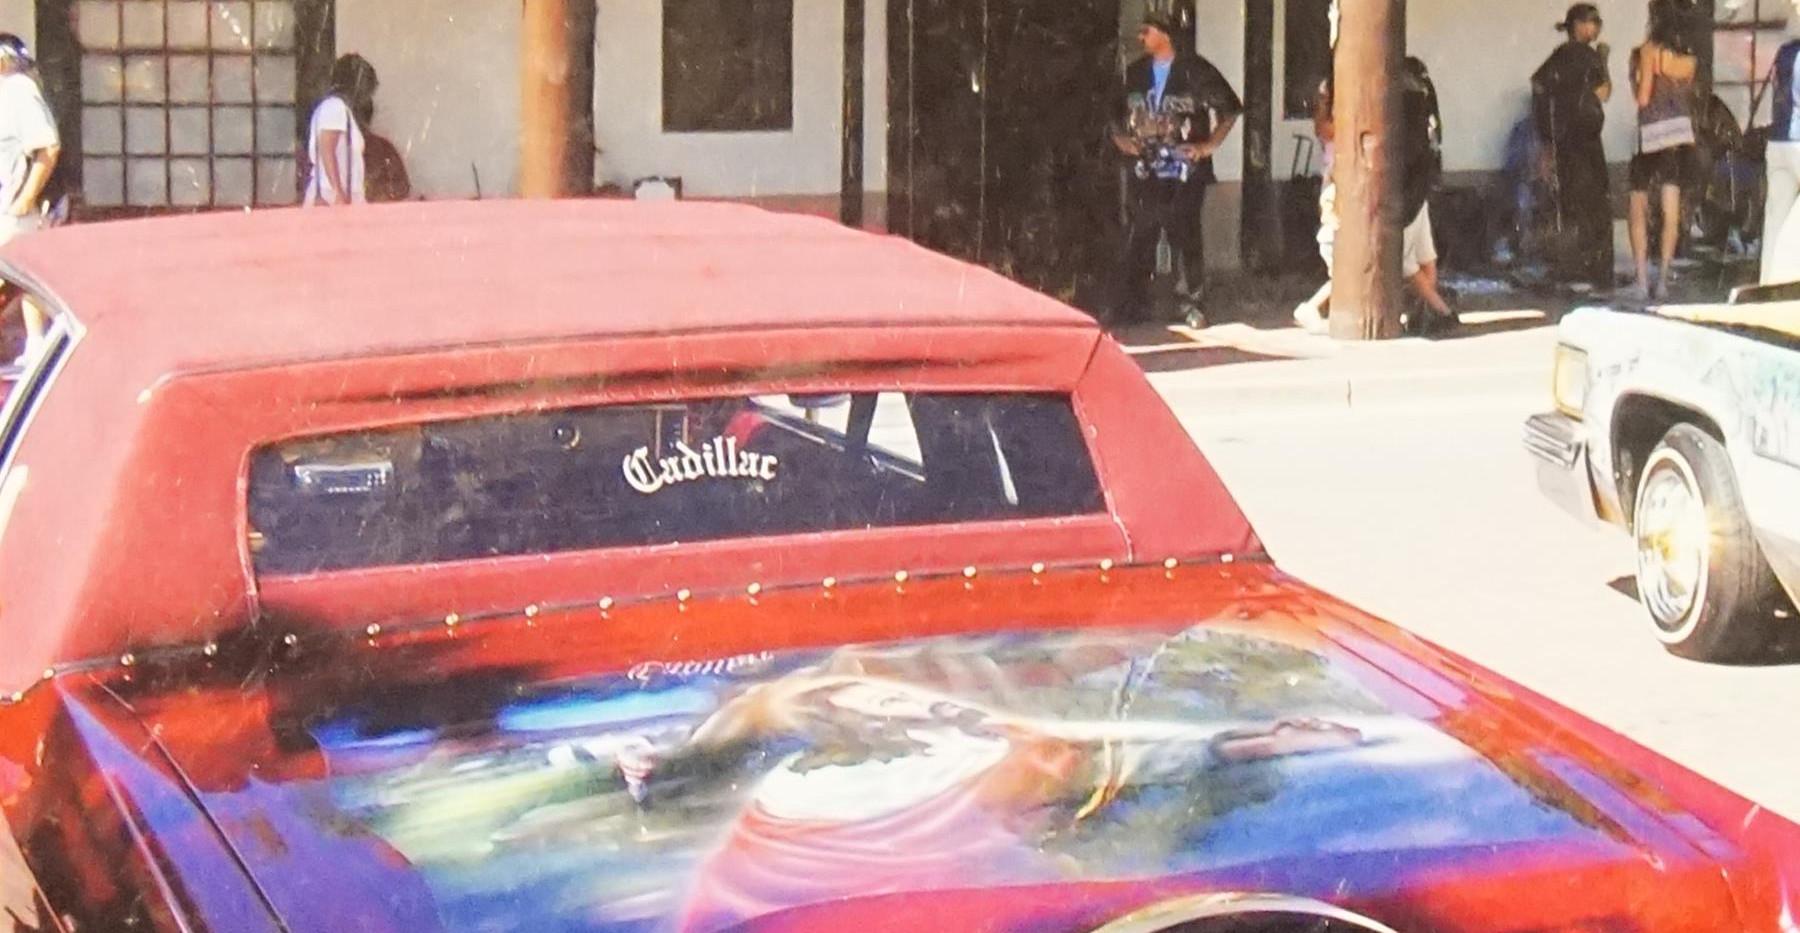 VM Cadillac Trunk on Plaza.jpg